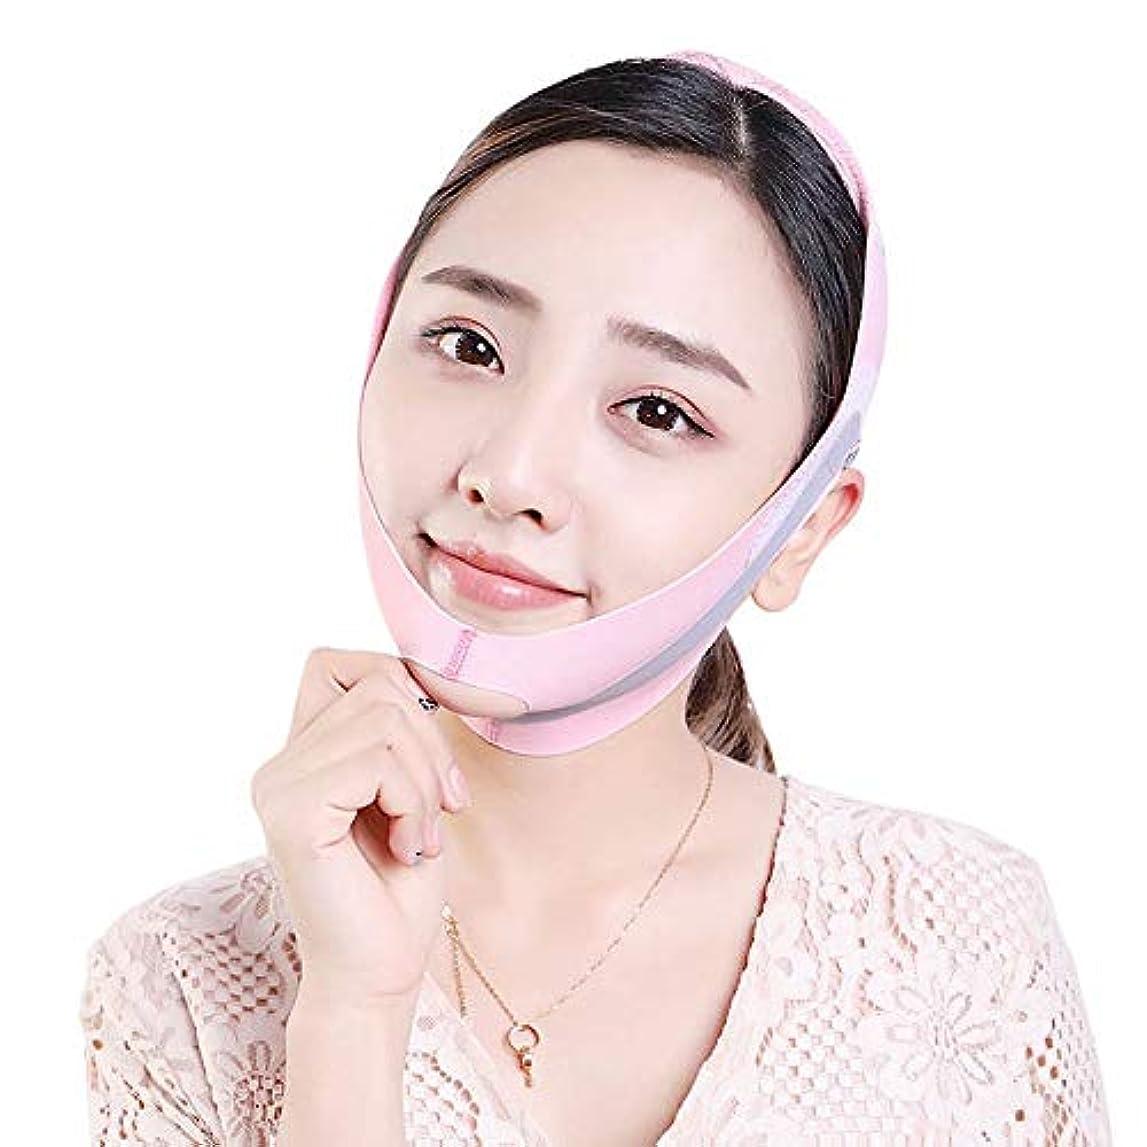 ボイコット傑作美徳GYZ たるみを防ぐために顔を持ち上げるために筋肉を引き締めるために二重あごのステッカーとラインを削除するために、顔を持ち上げるアーティファクト包帯があります - ピンク Thin Face Belt